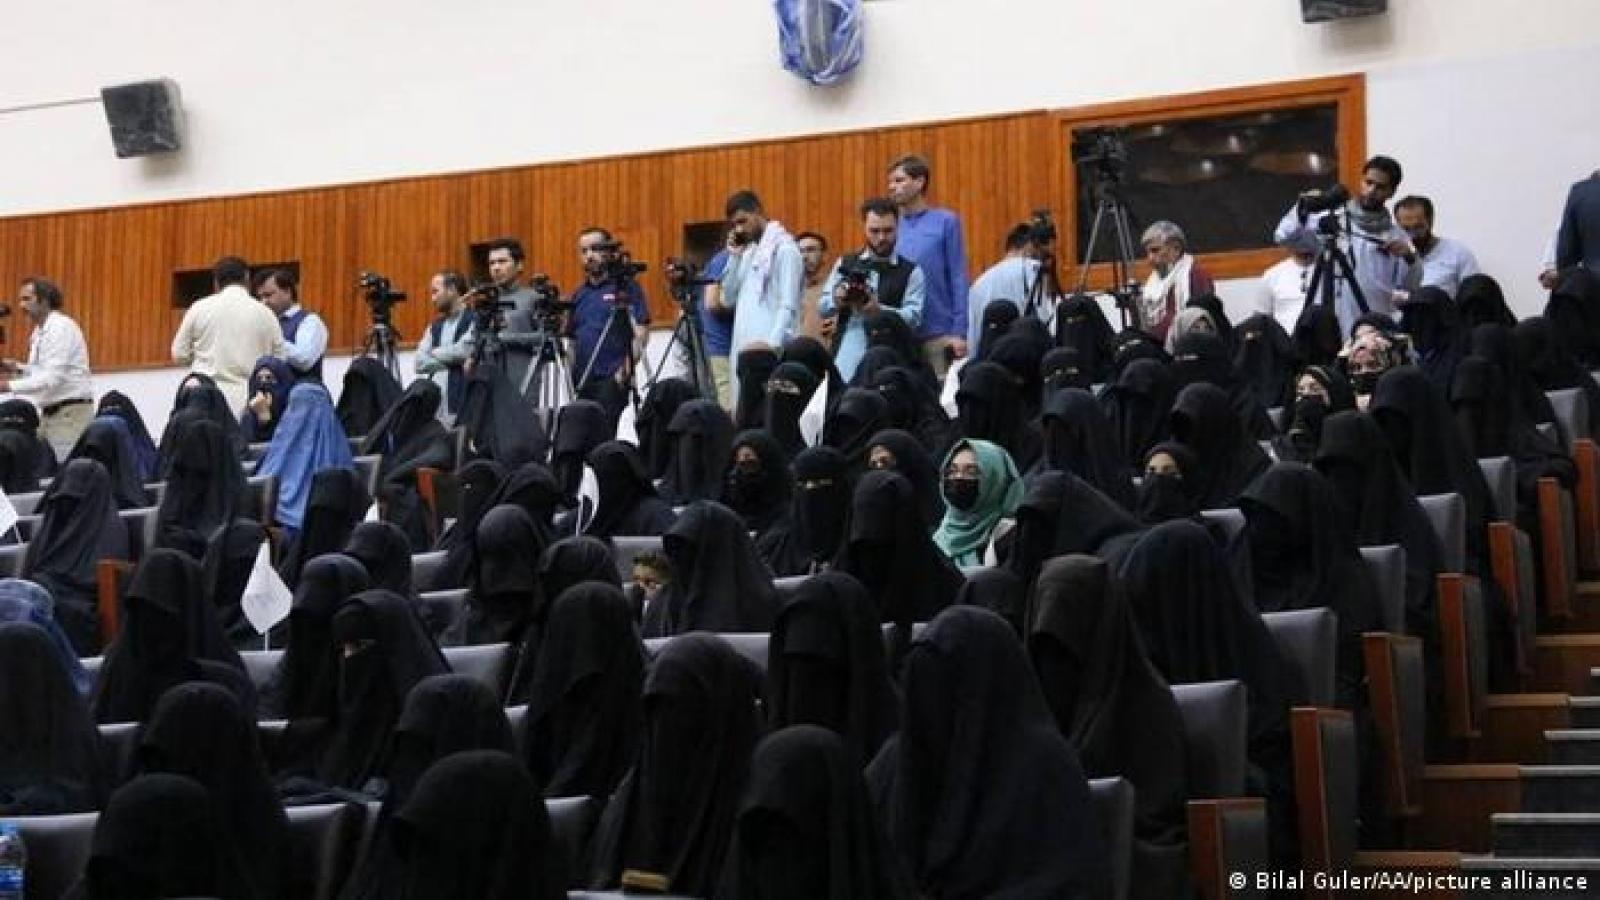 Taliban: Nam nữ học chung là đi ngược với đạo Hồi và giá trị quốc gia